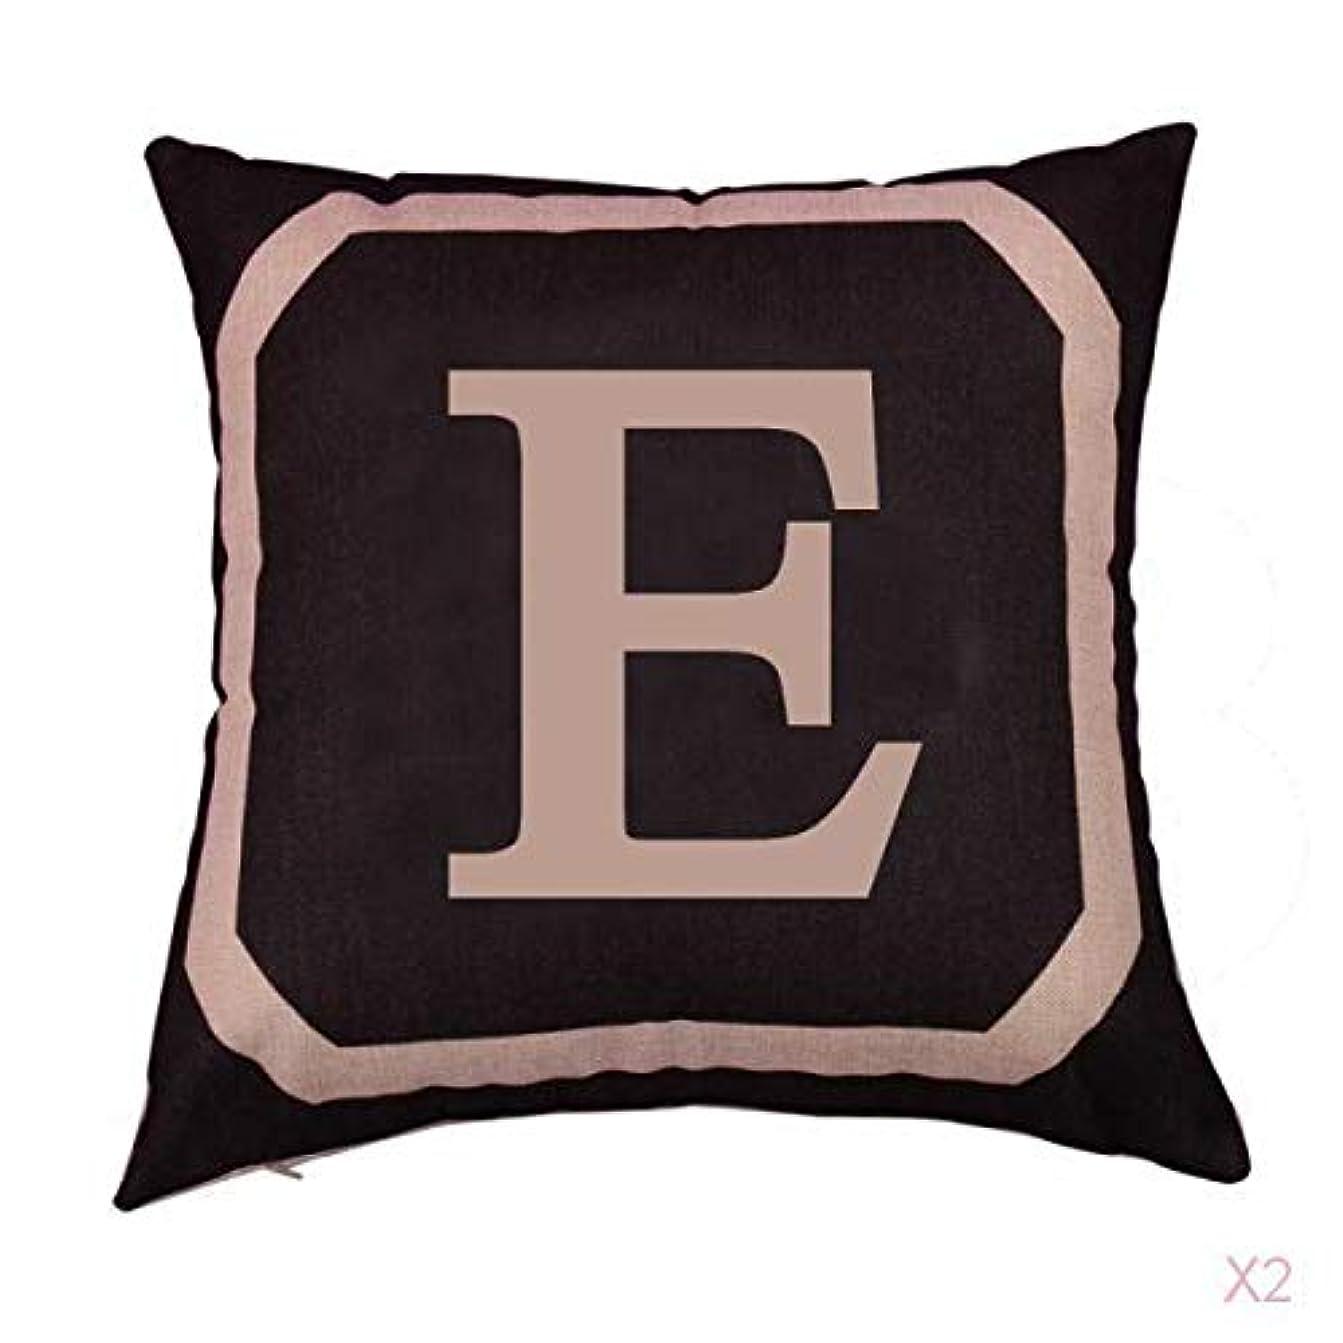 FLAMEER 正方形の綿のリネンスローピローケース腰クッションカバーベッドソファ装飾電子